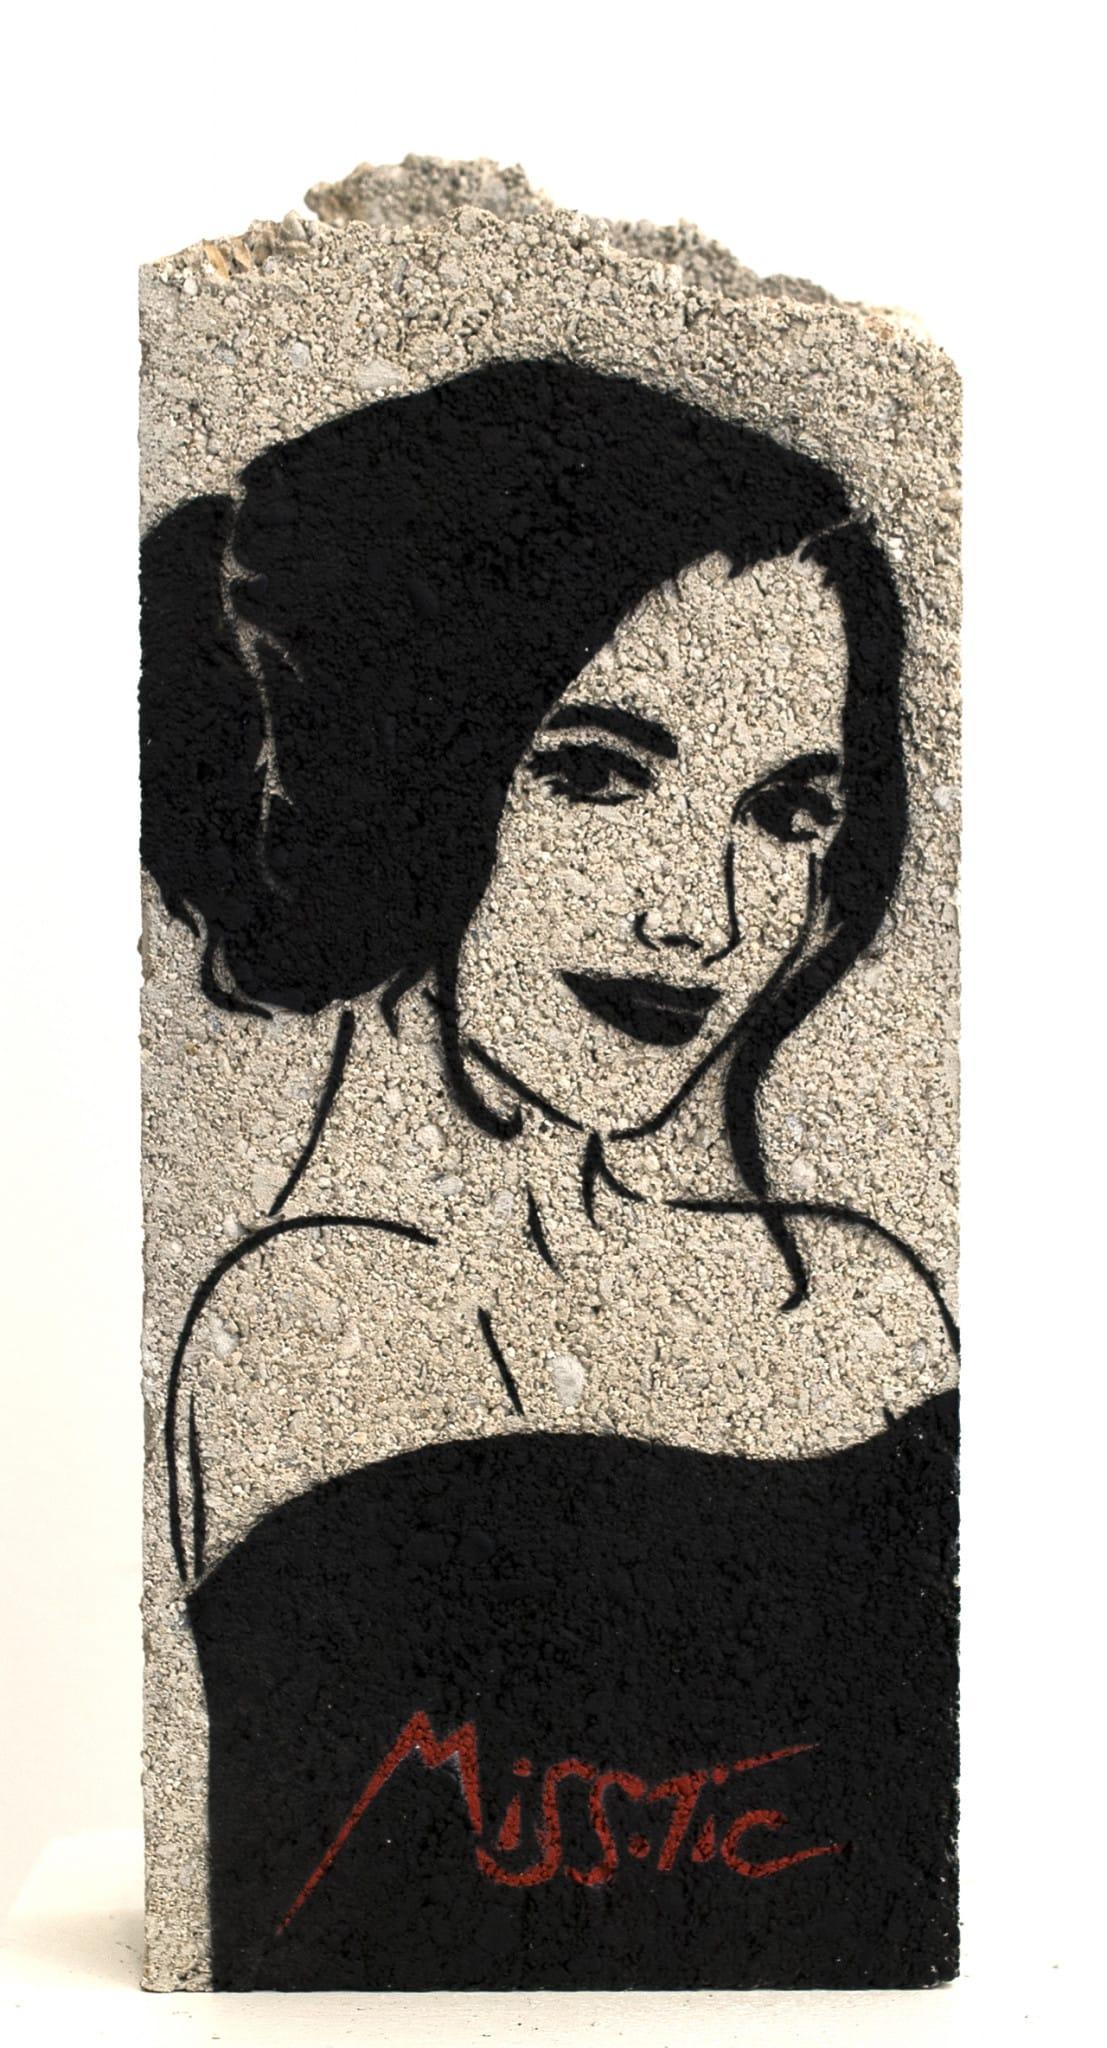 Galerie Art Jingle MISS.TIC On S'Aime Prenez En De La Graine 40 cm x 19 cm x 9.5 cm 2021 (Réf. 6)